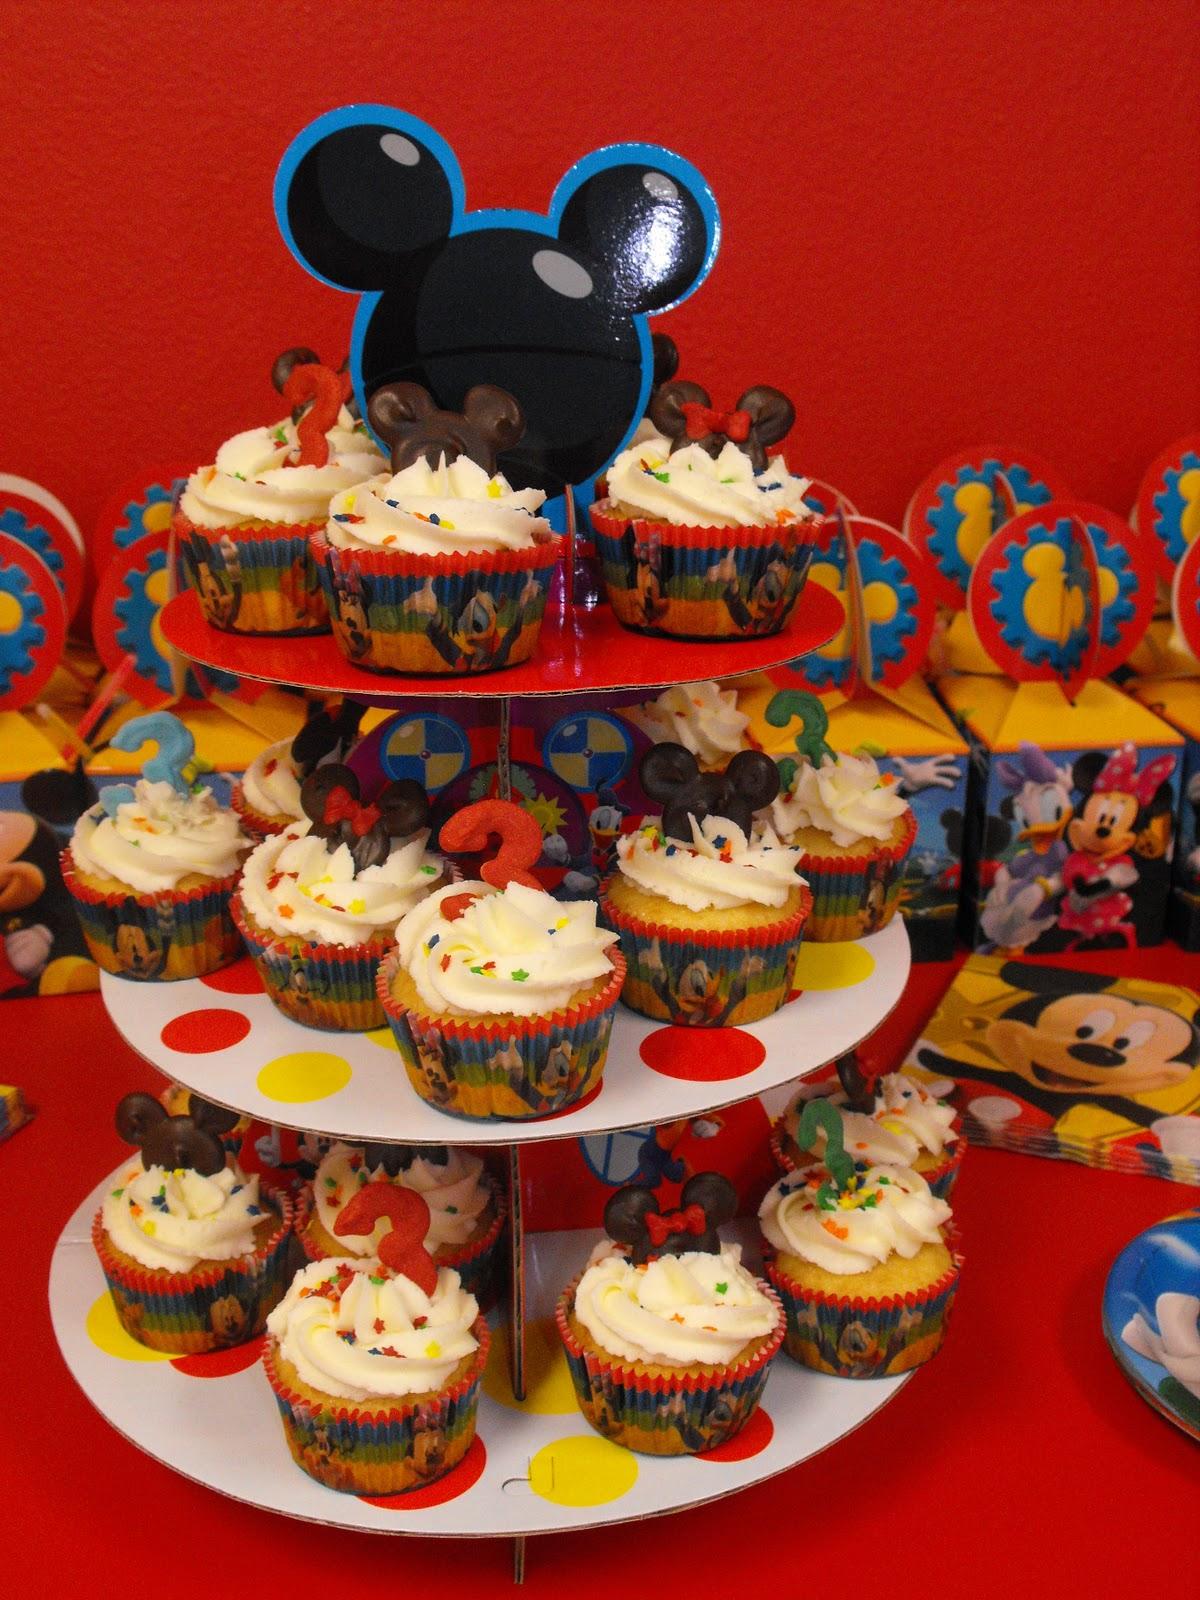 Aj S Cupcakes Mickey Amp Minnie Cupcakes